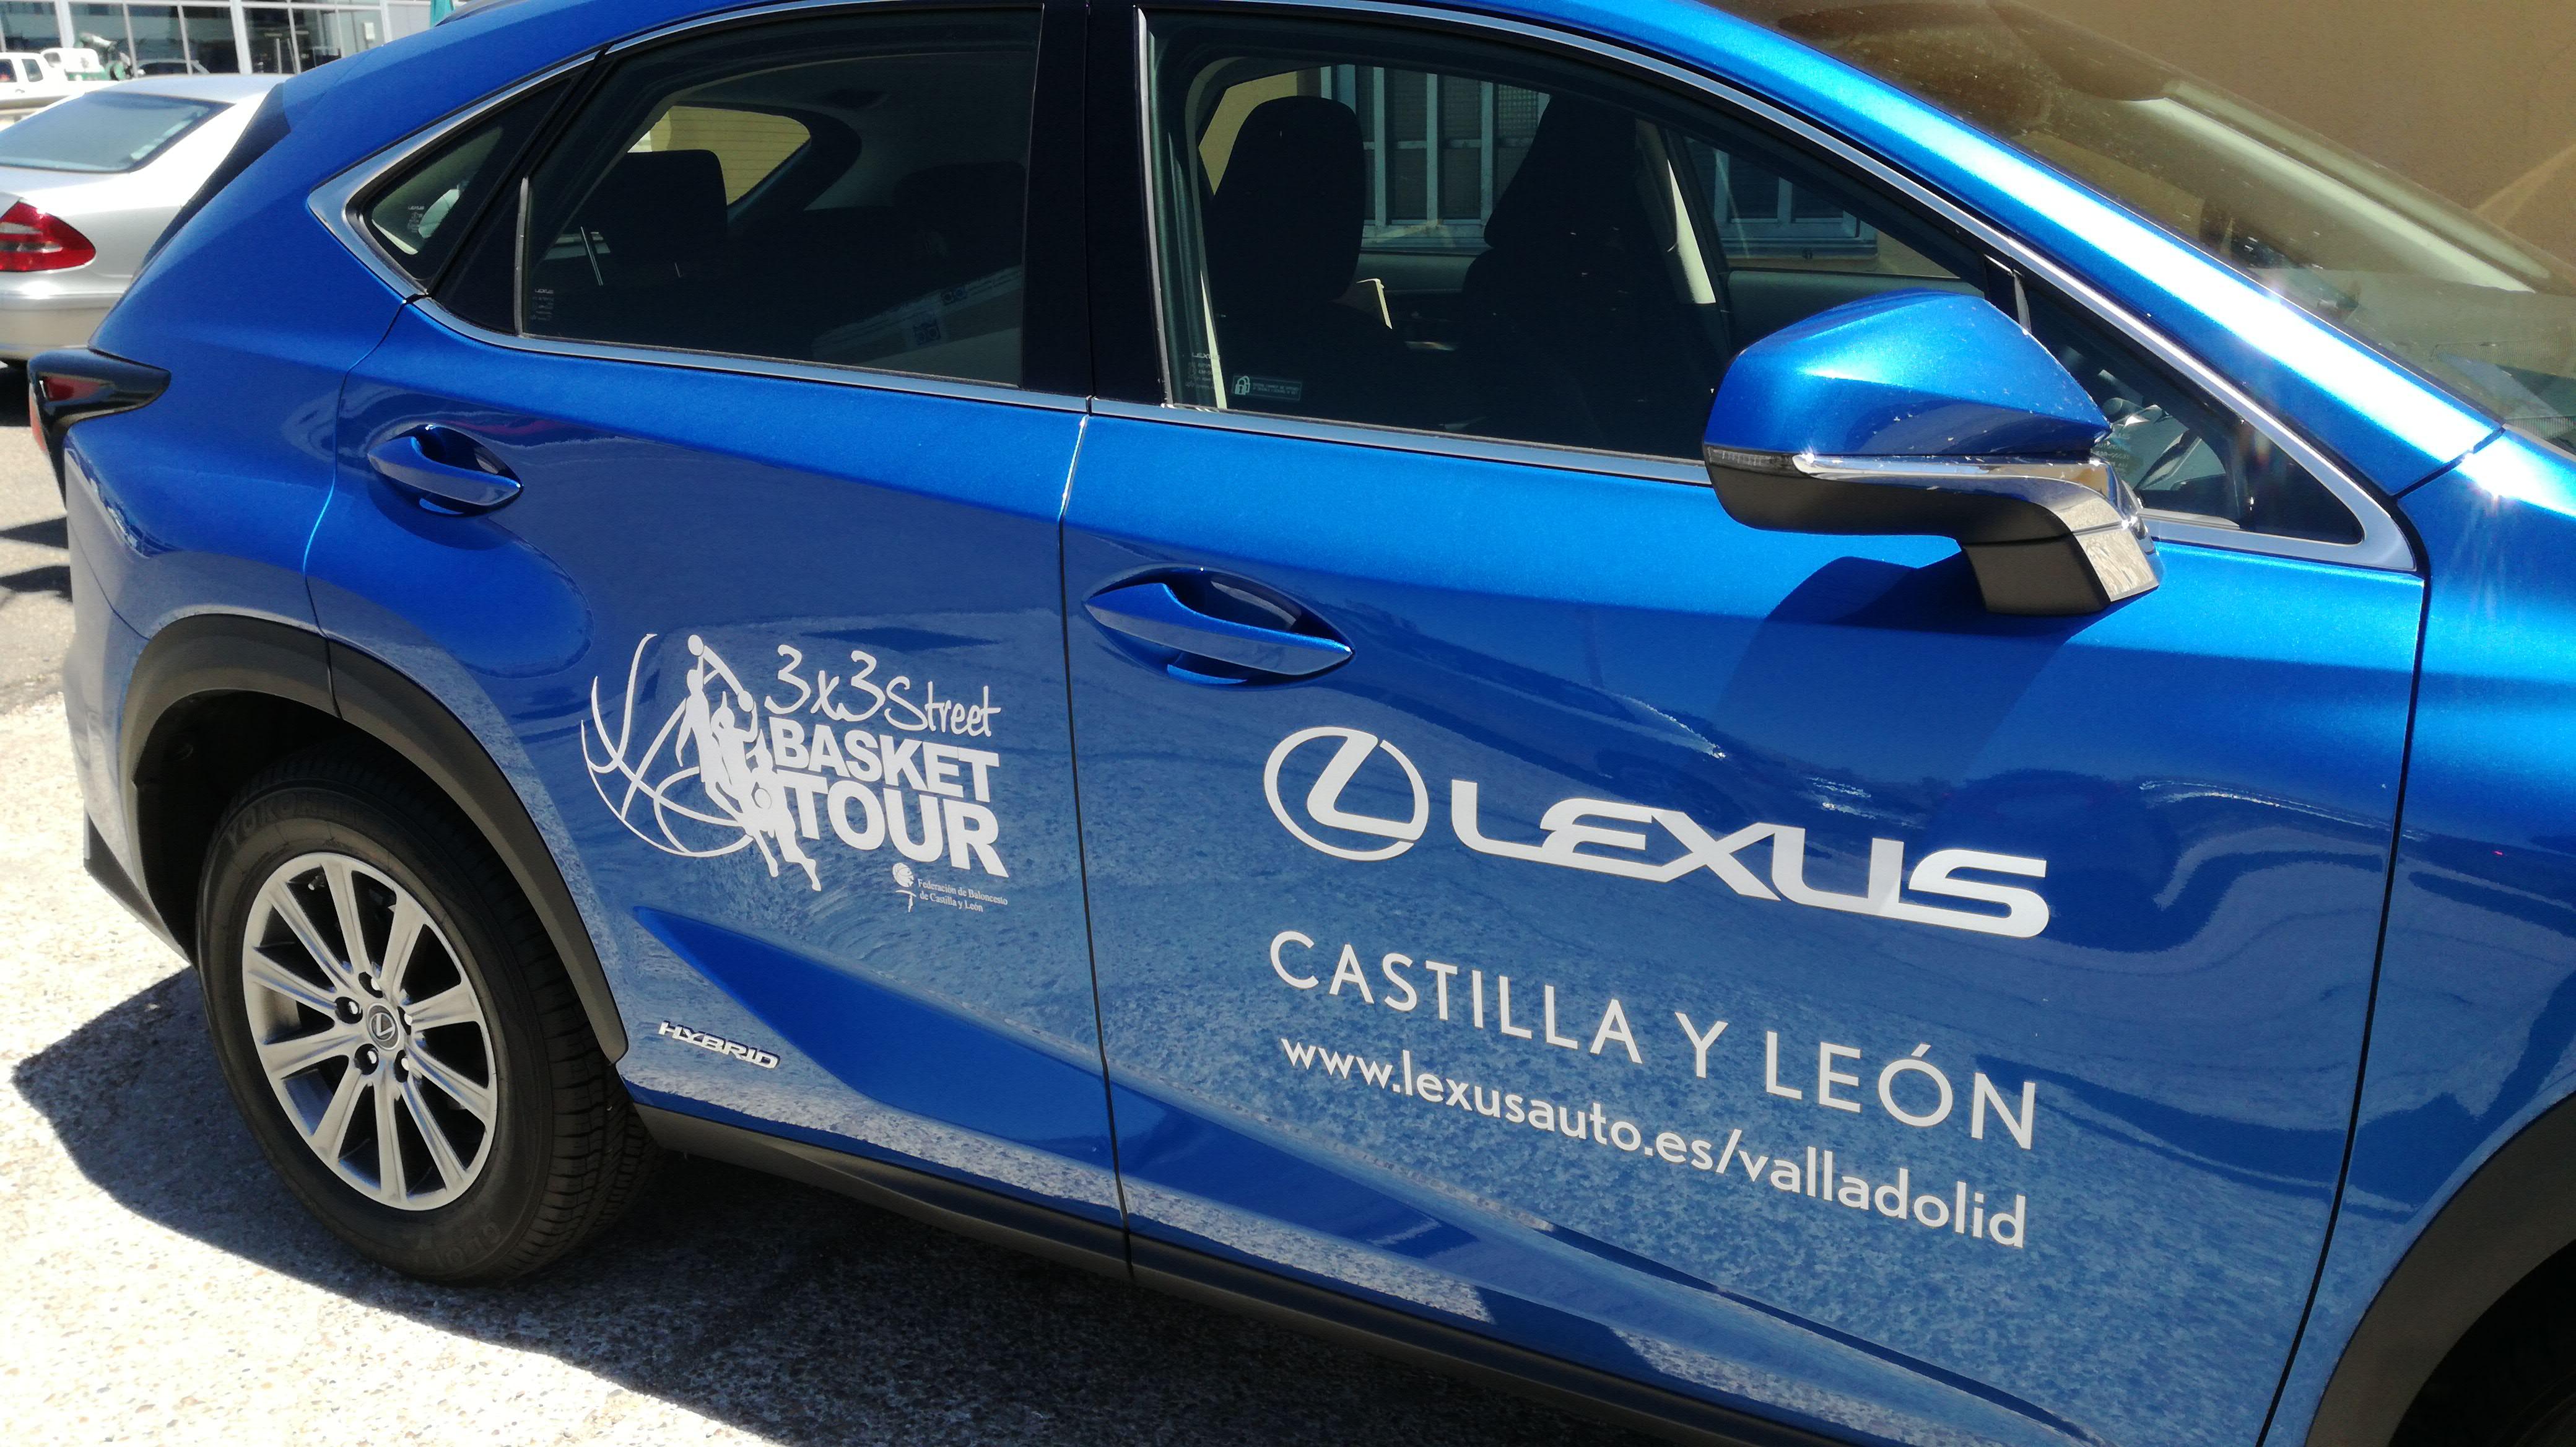 Lexus-cocheOficial_3x3SBT-Valladolid2019